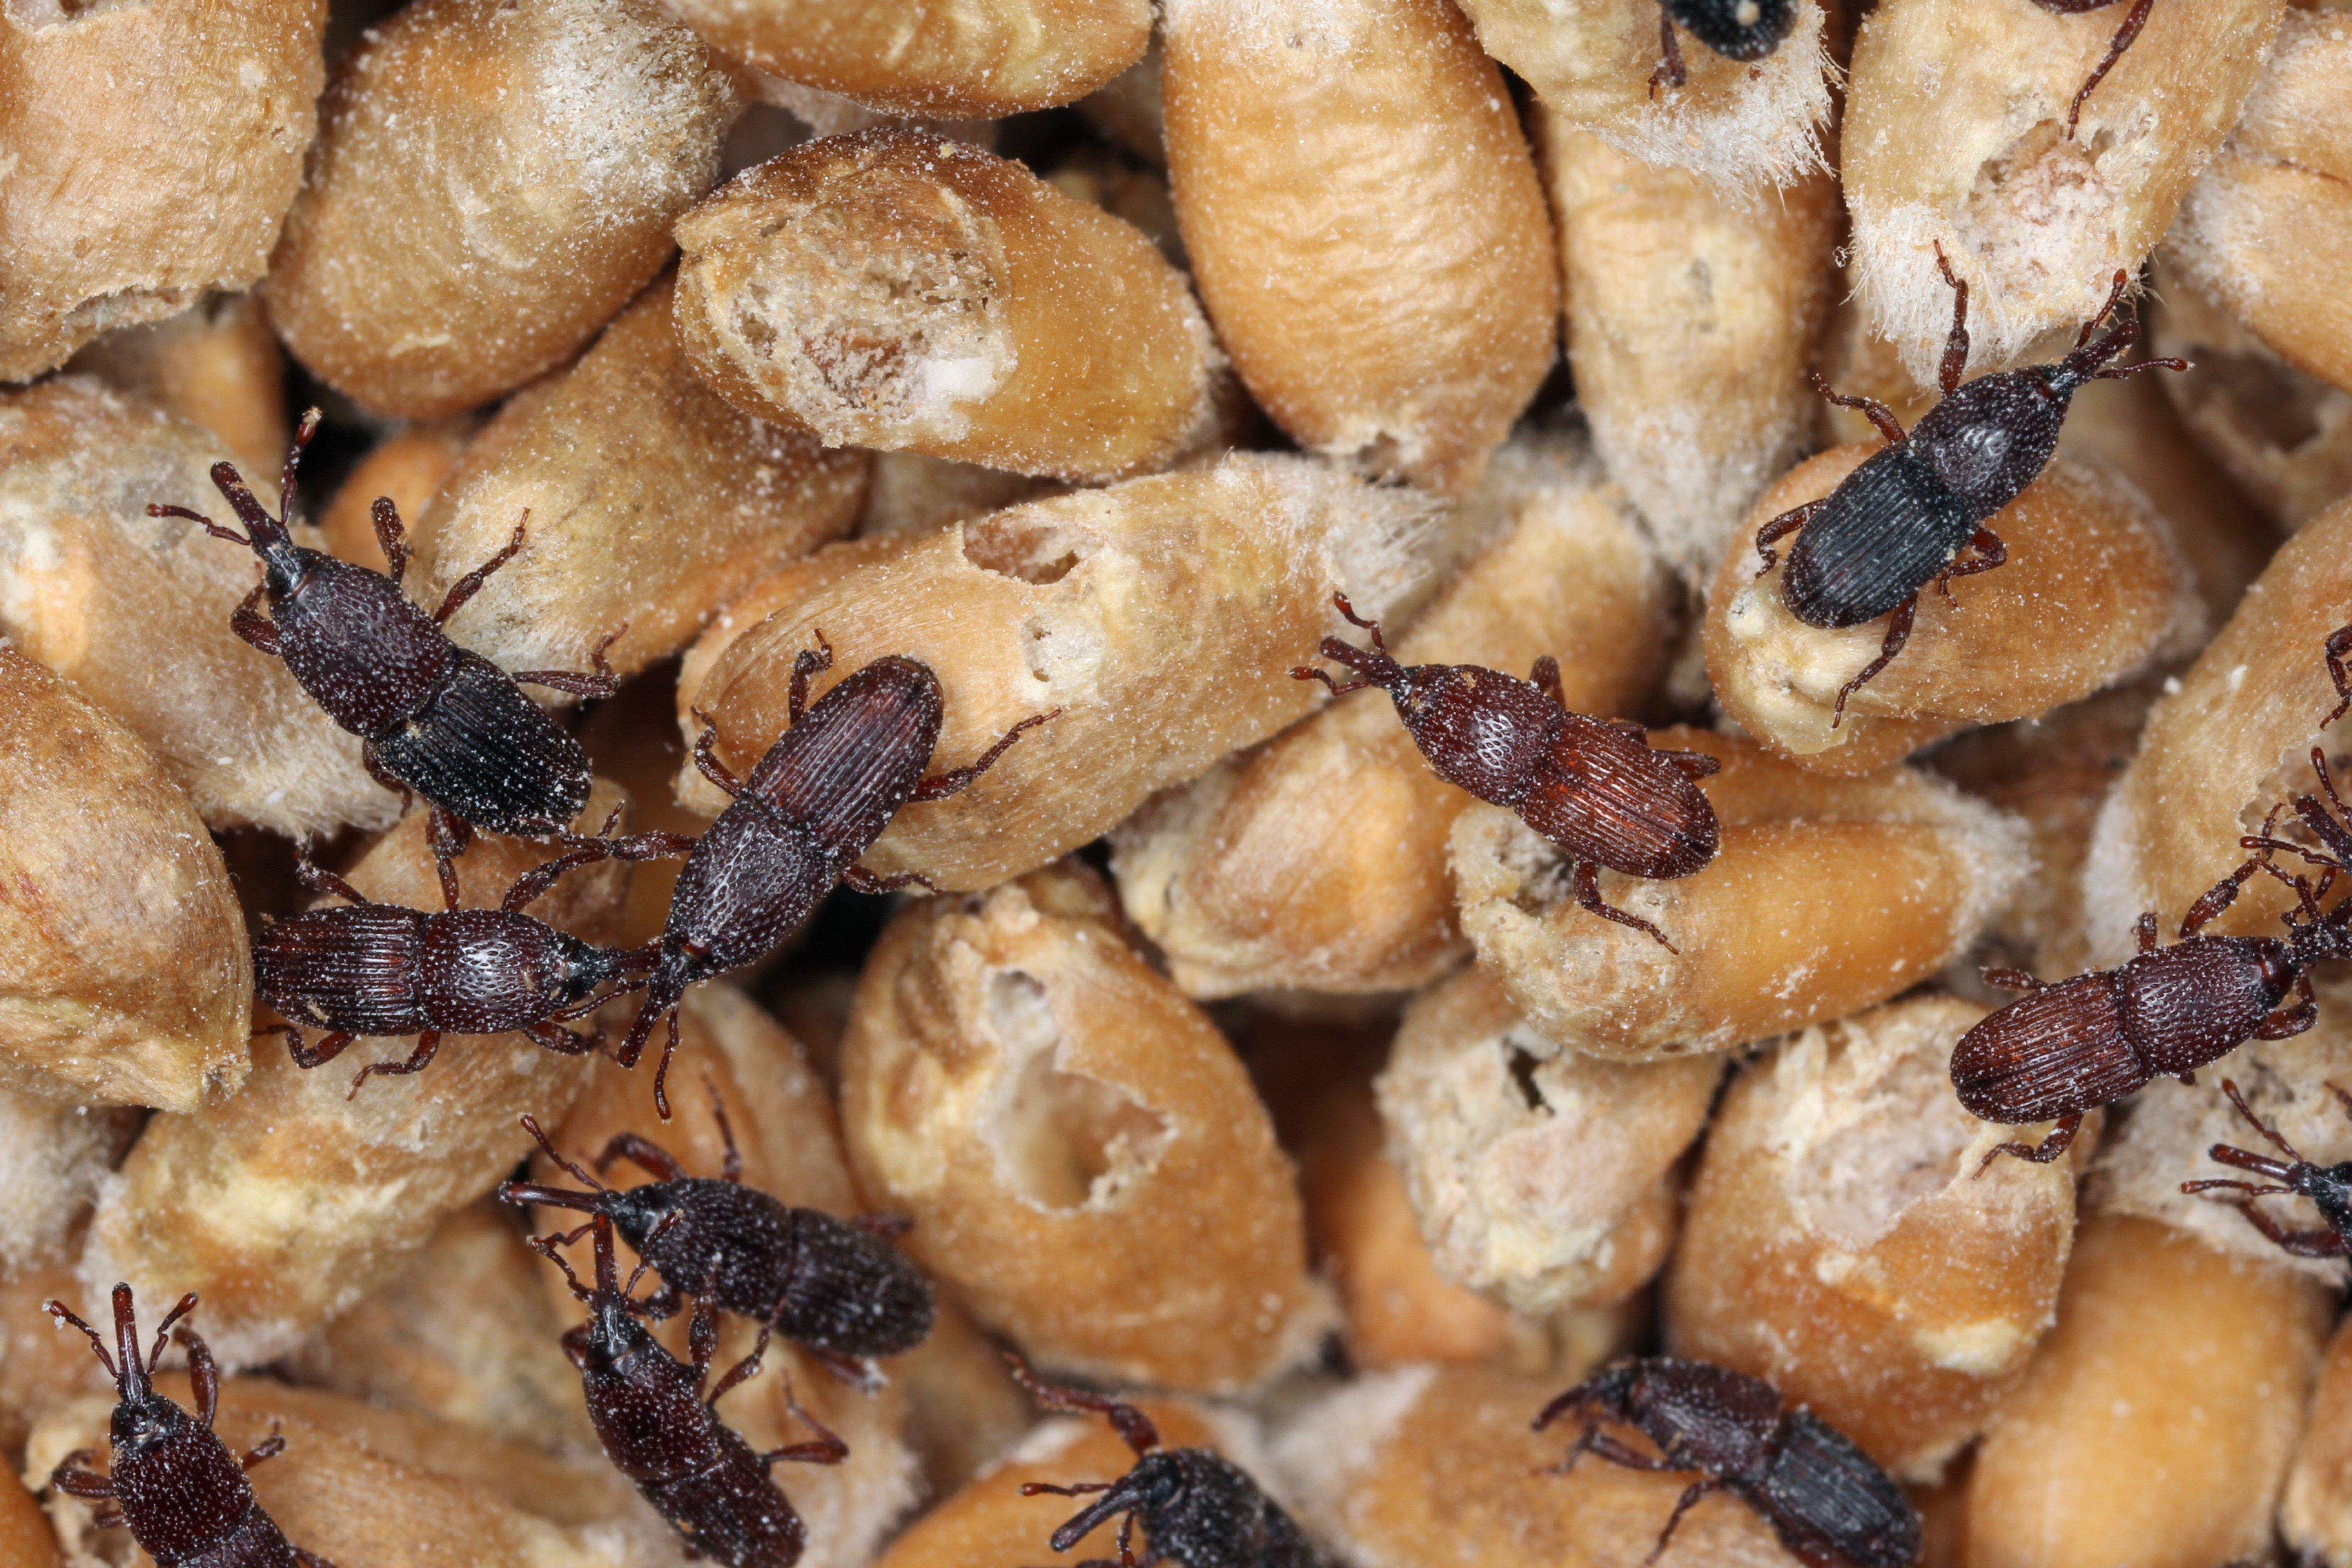 Insectes stockage céréales Blé ou Orge